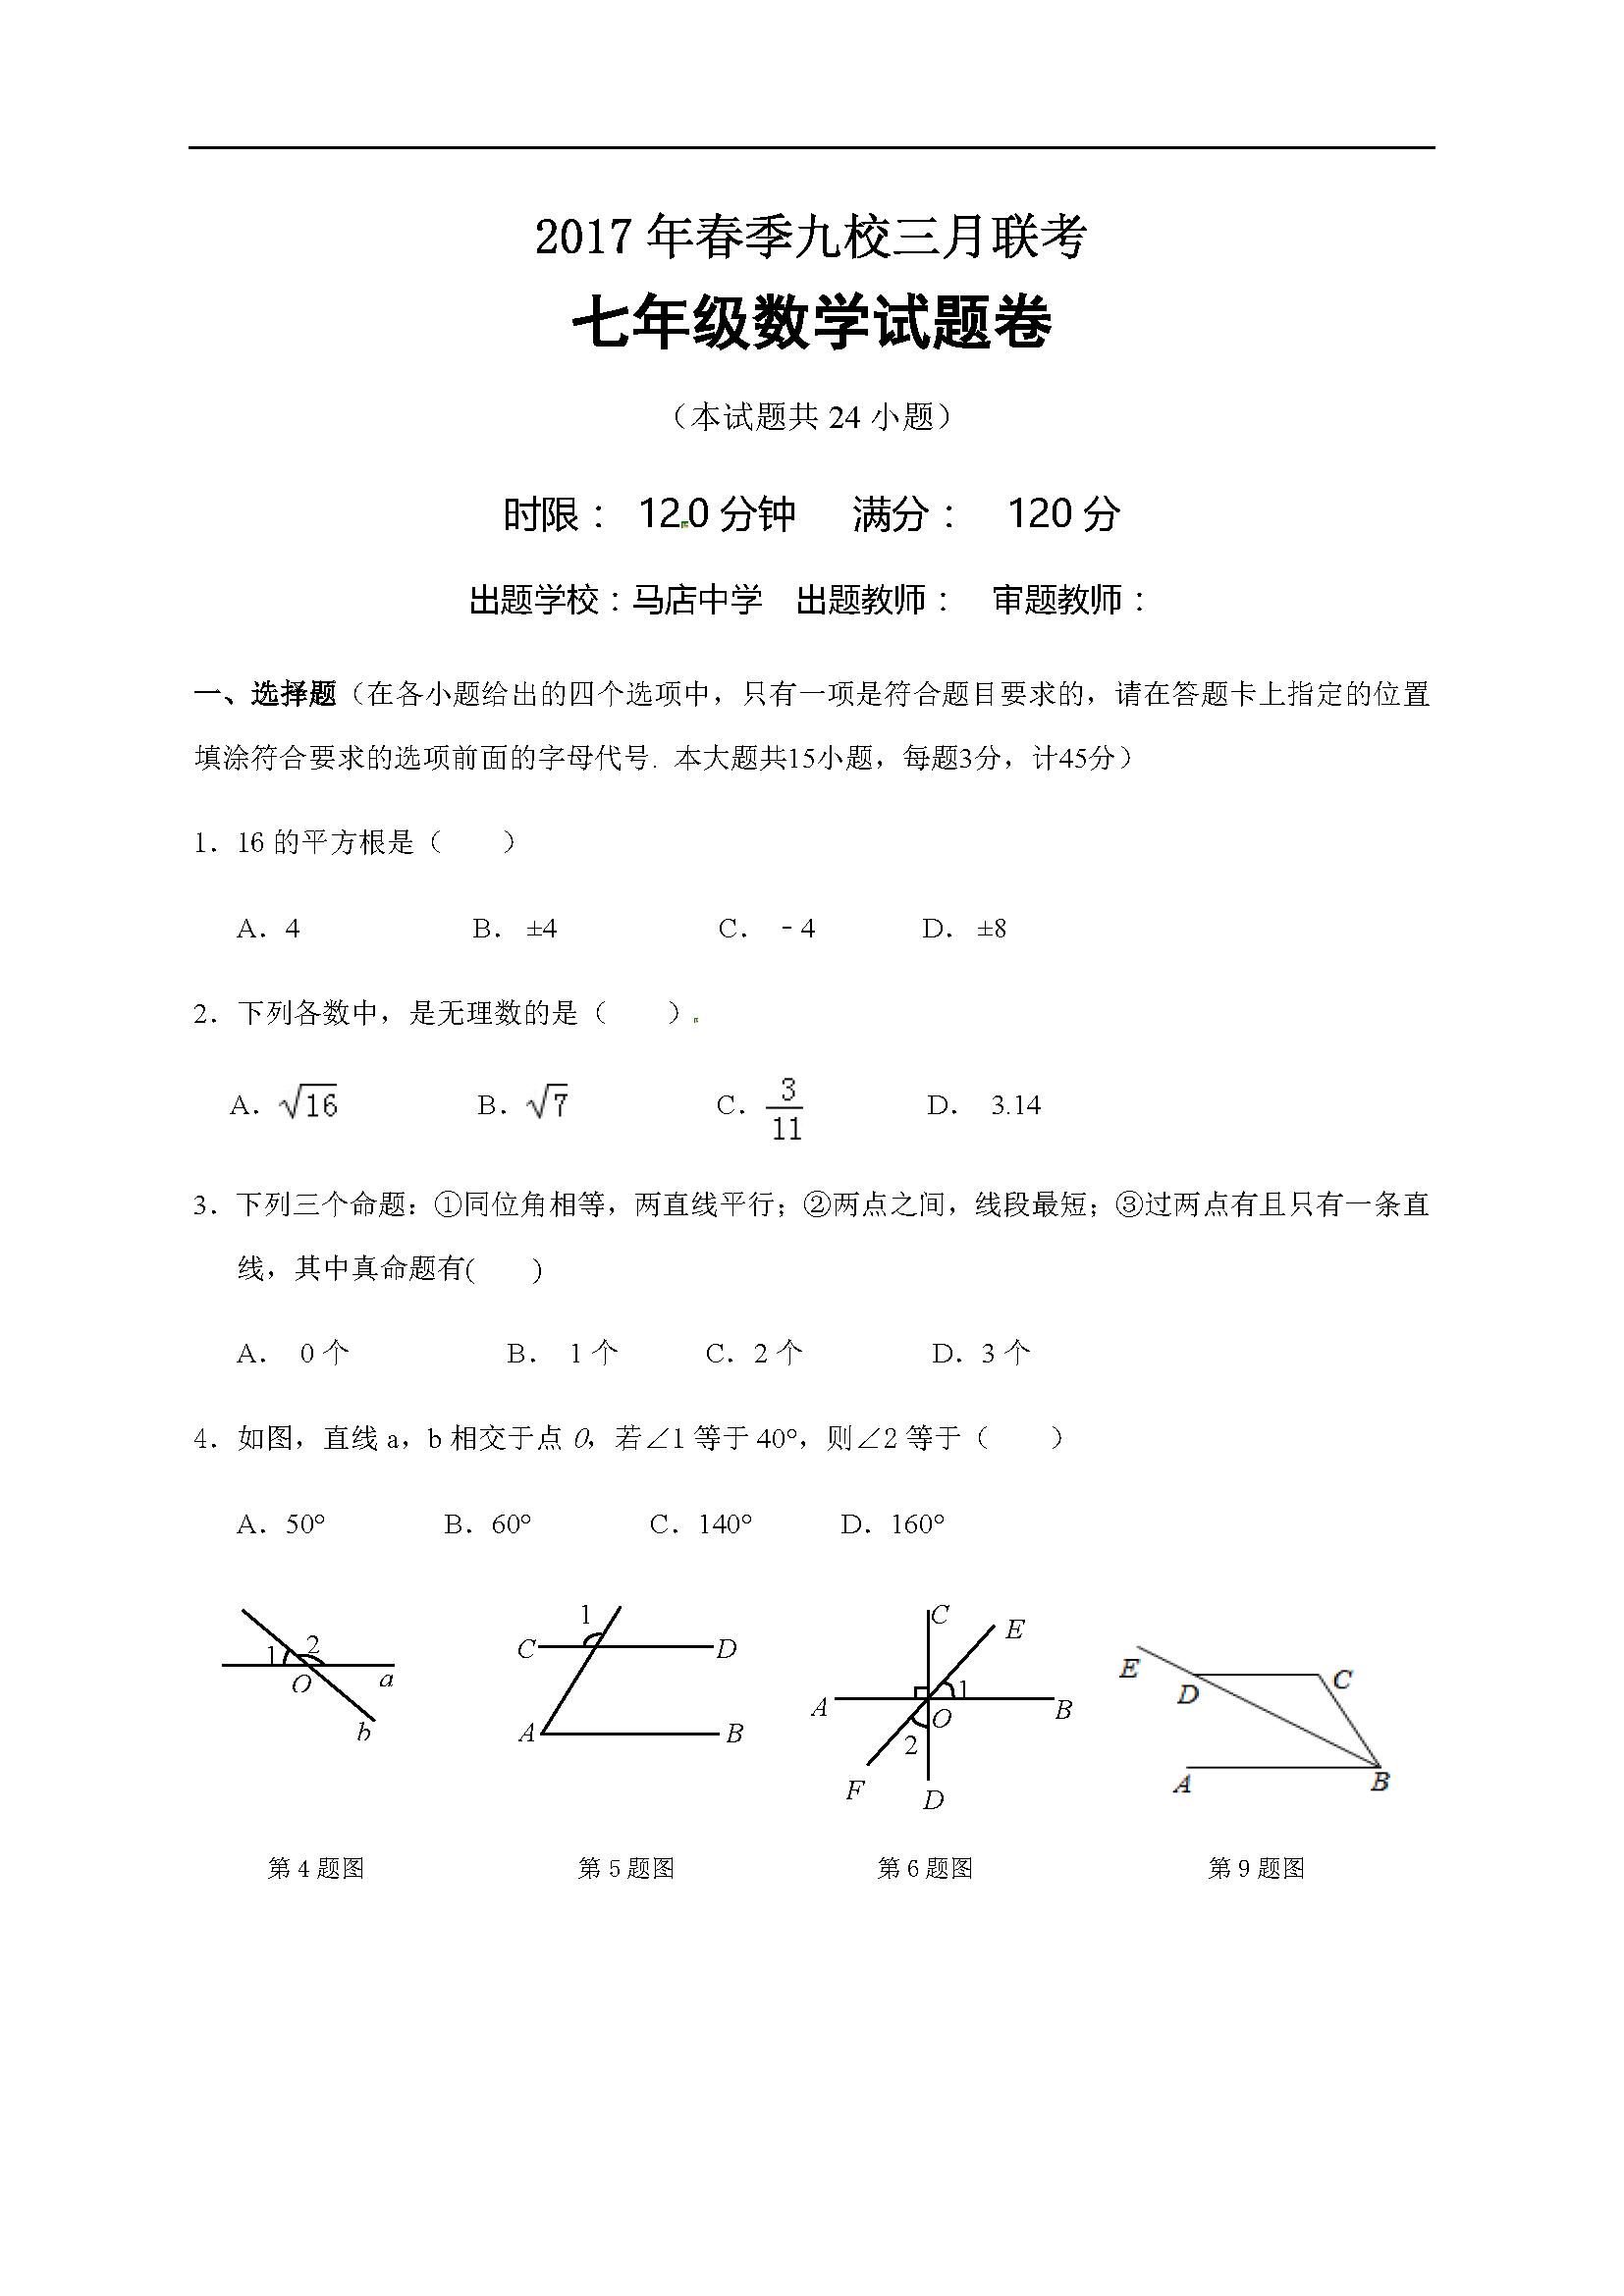 2017湖北枝江九校七年级3月联考数学试题(Word版)